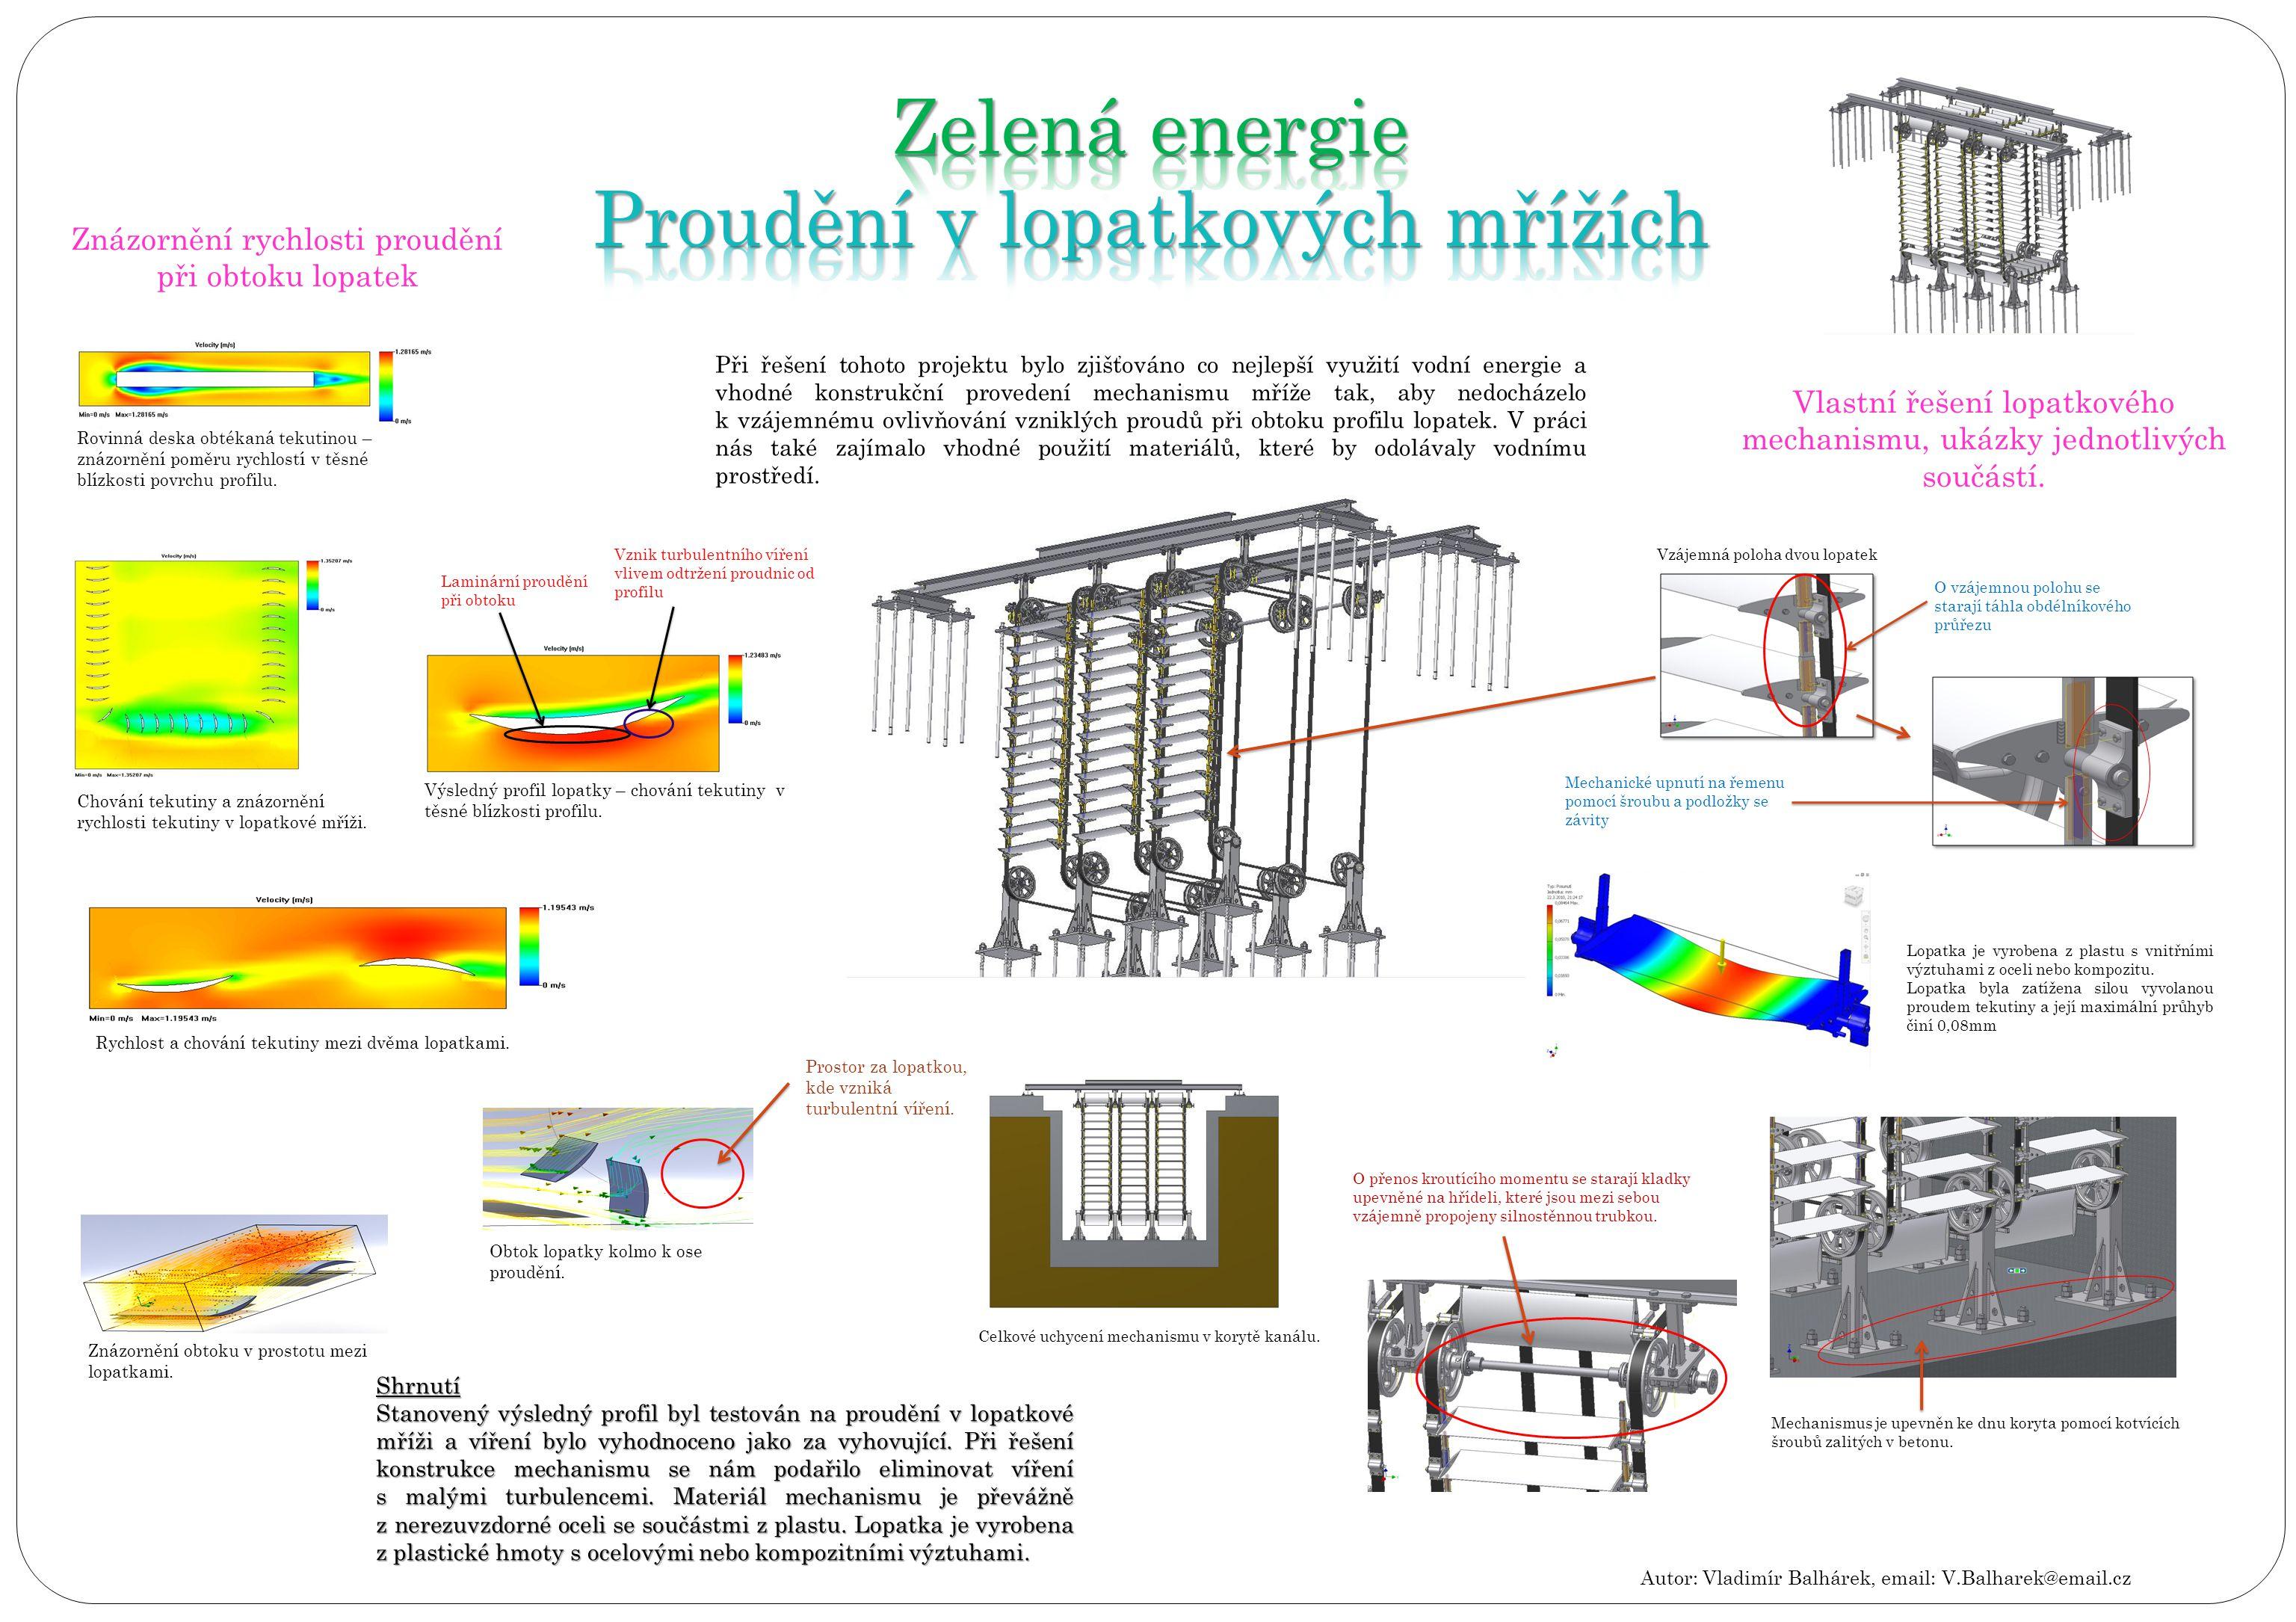 Ukázky z výsledného DVD Ukázky z prvního videa znázorňující, jak vypadá motor z vnějšího pohledu Rychlost a chování tekutiny mezi dvěma lopatkami.